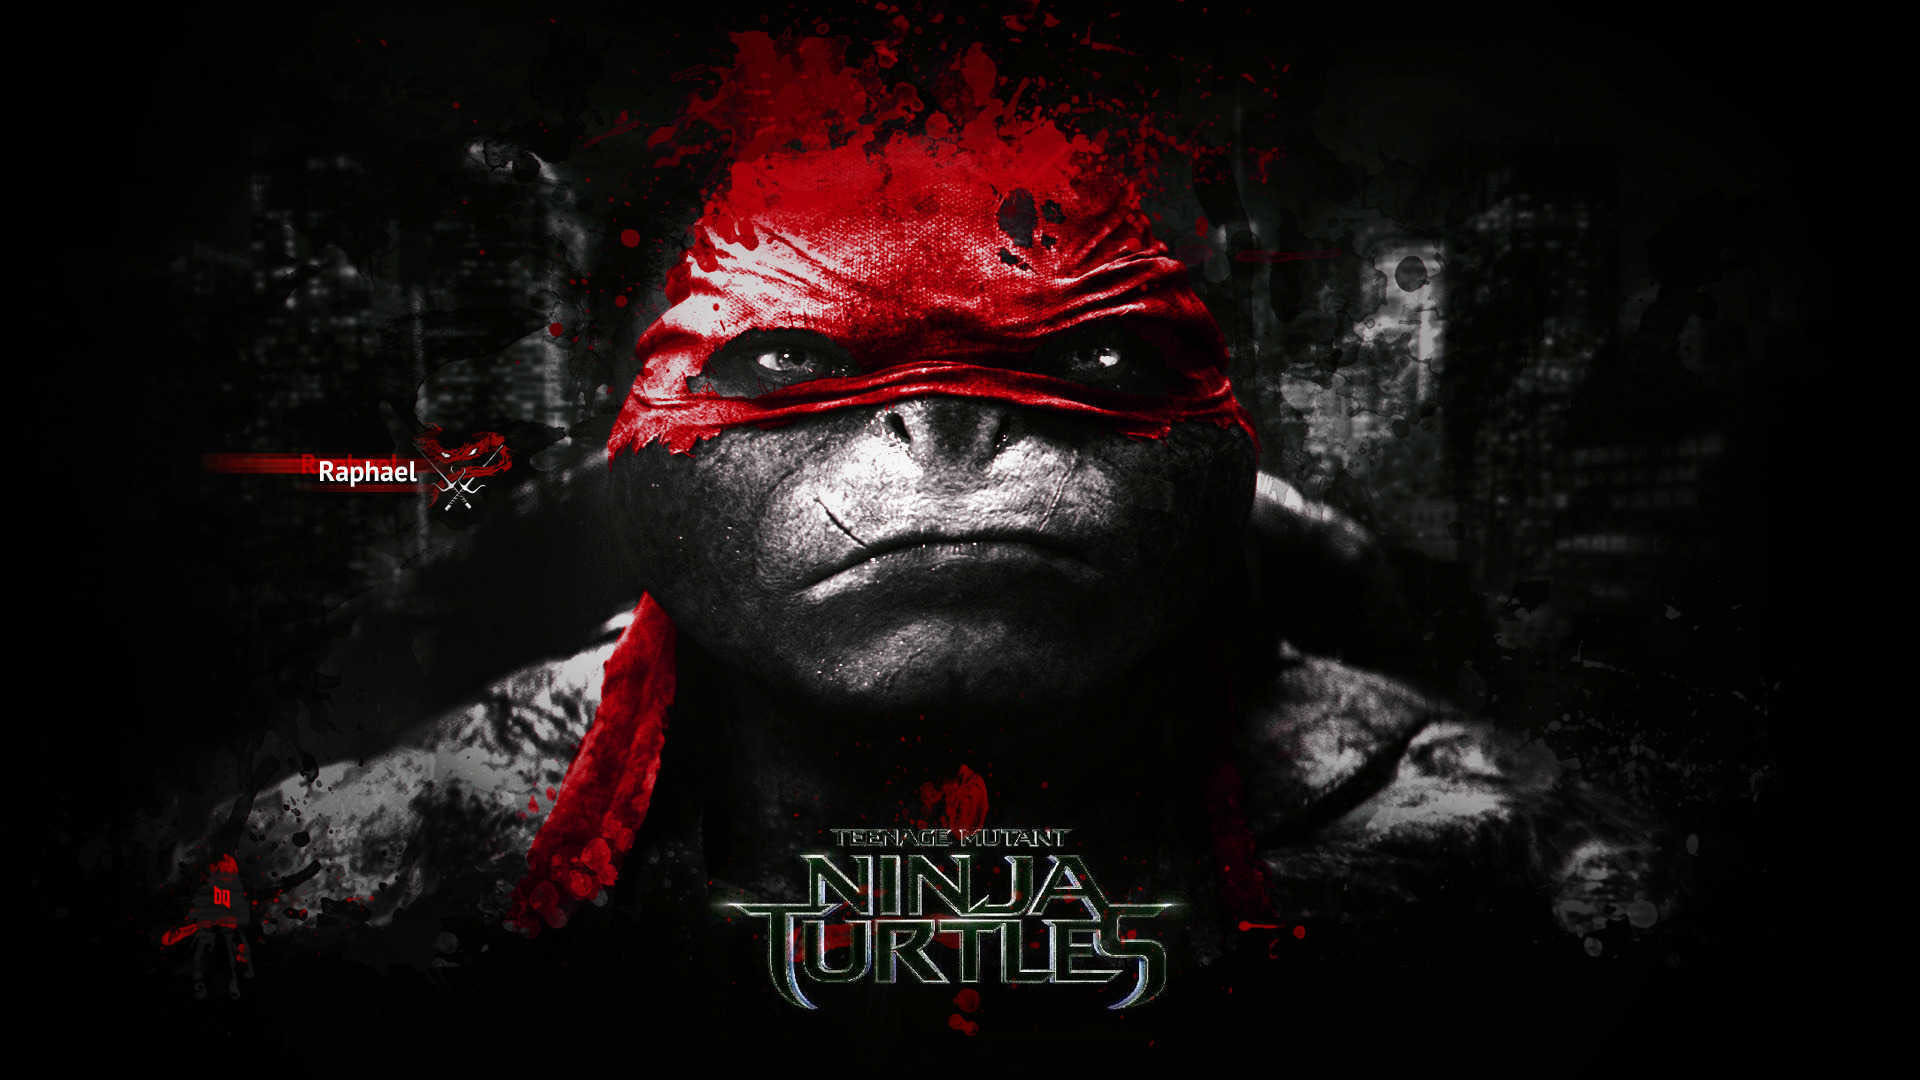 ninja turtles wallpaper tumblr: Yandex.Görsel'de 4 bin görsel bulundu